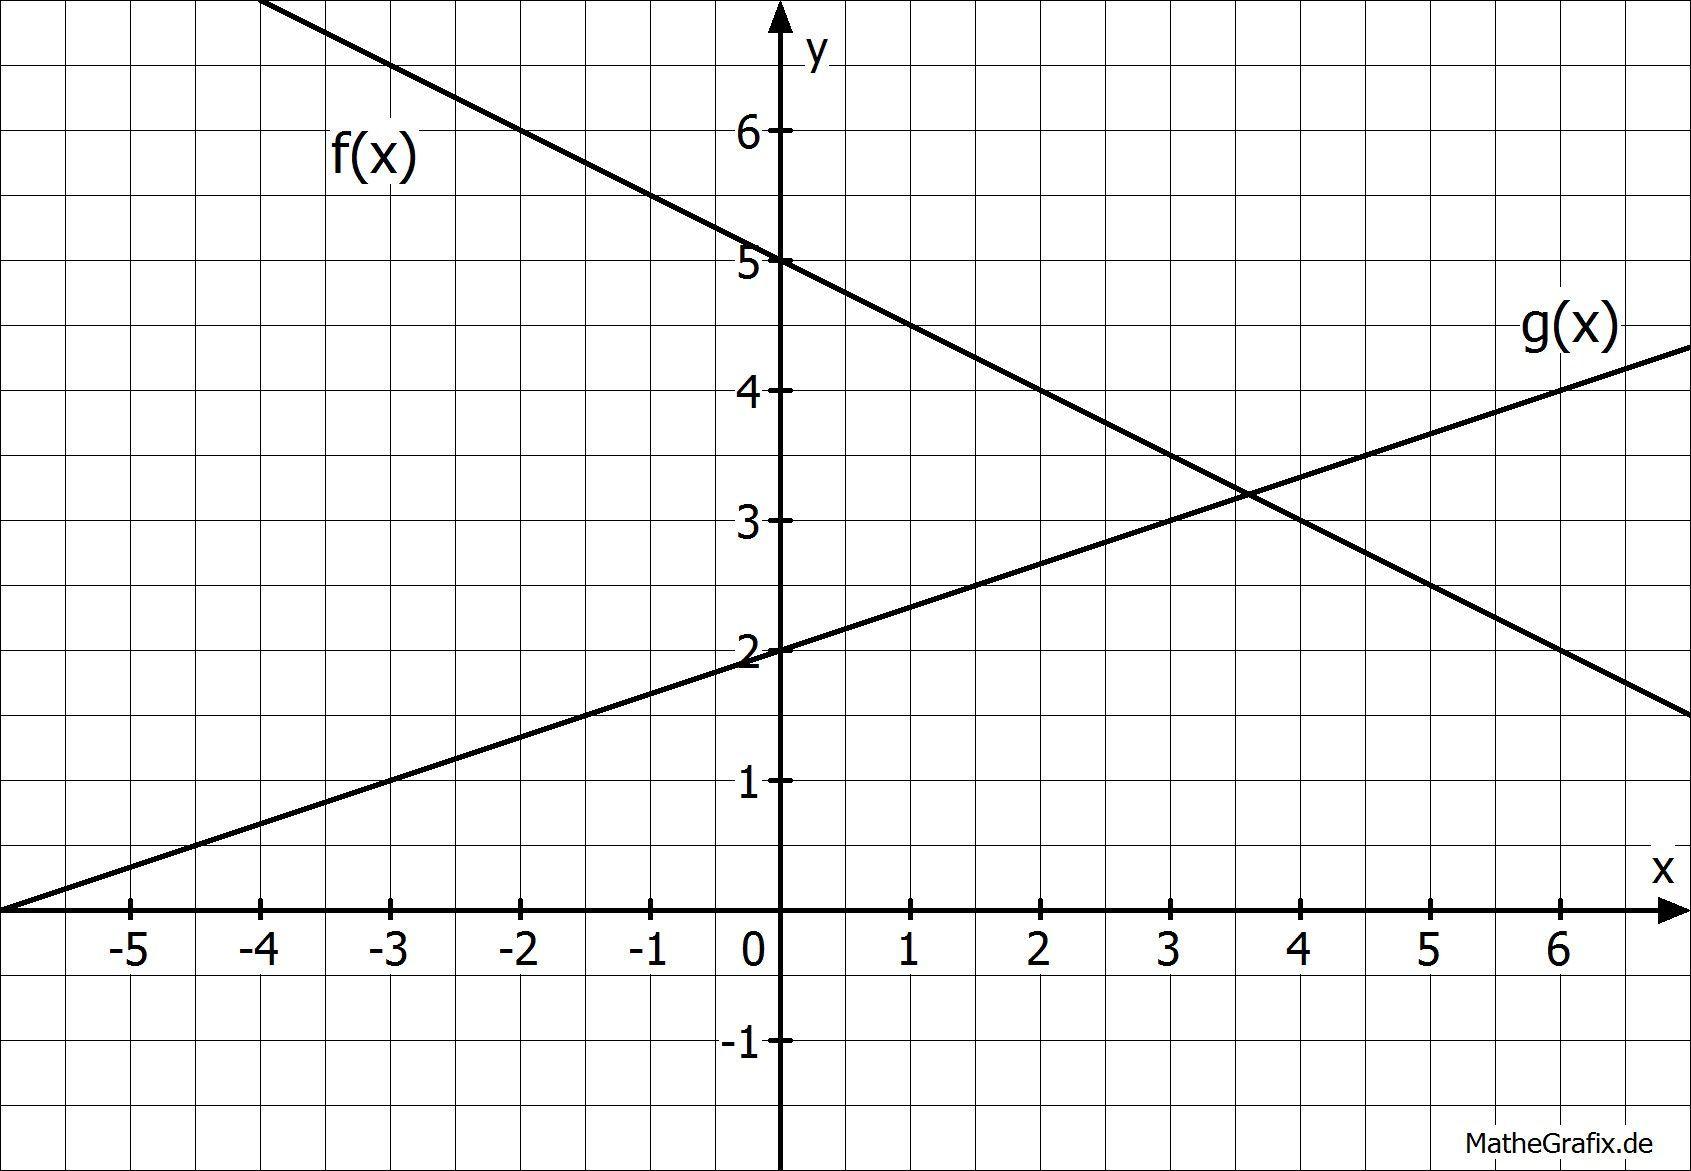 Lineare Funktionen mit einem Schnittpunkt.